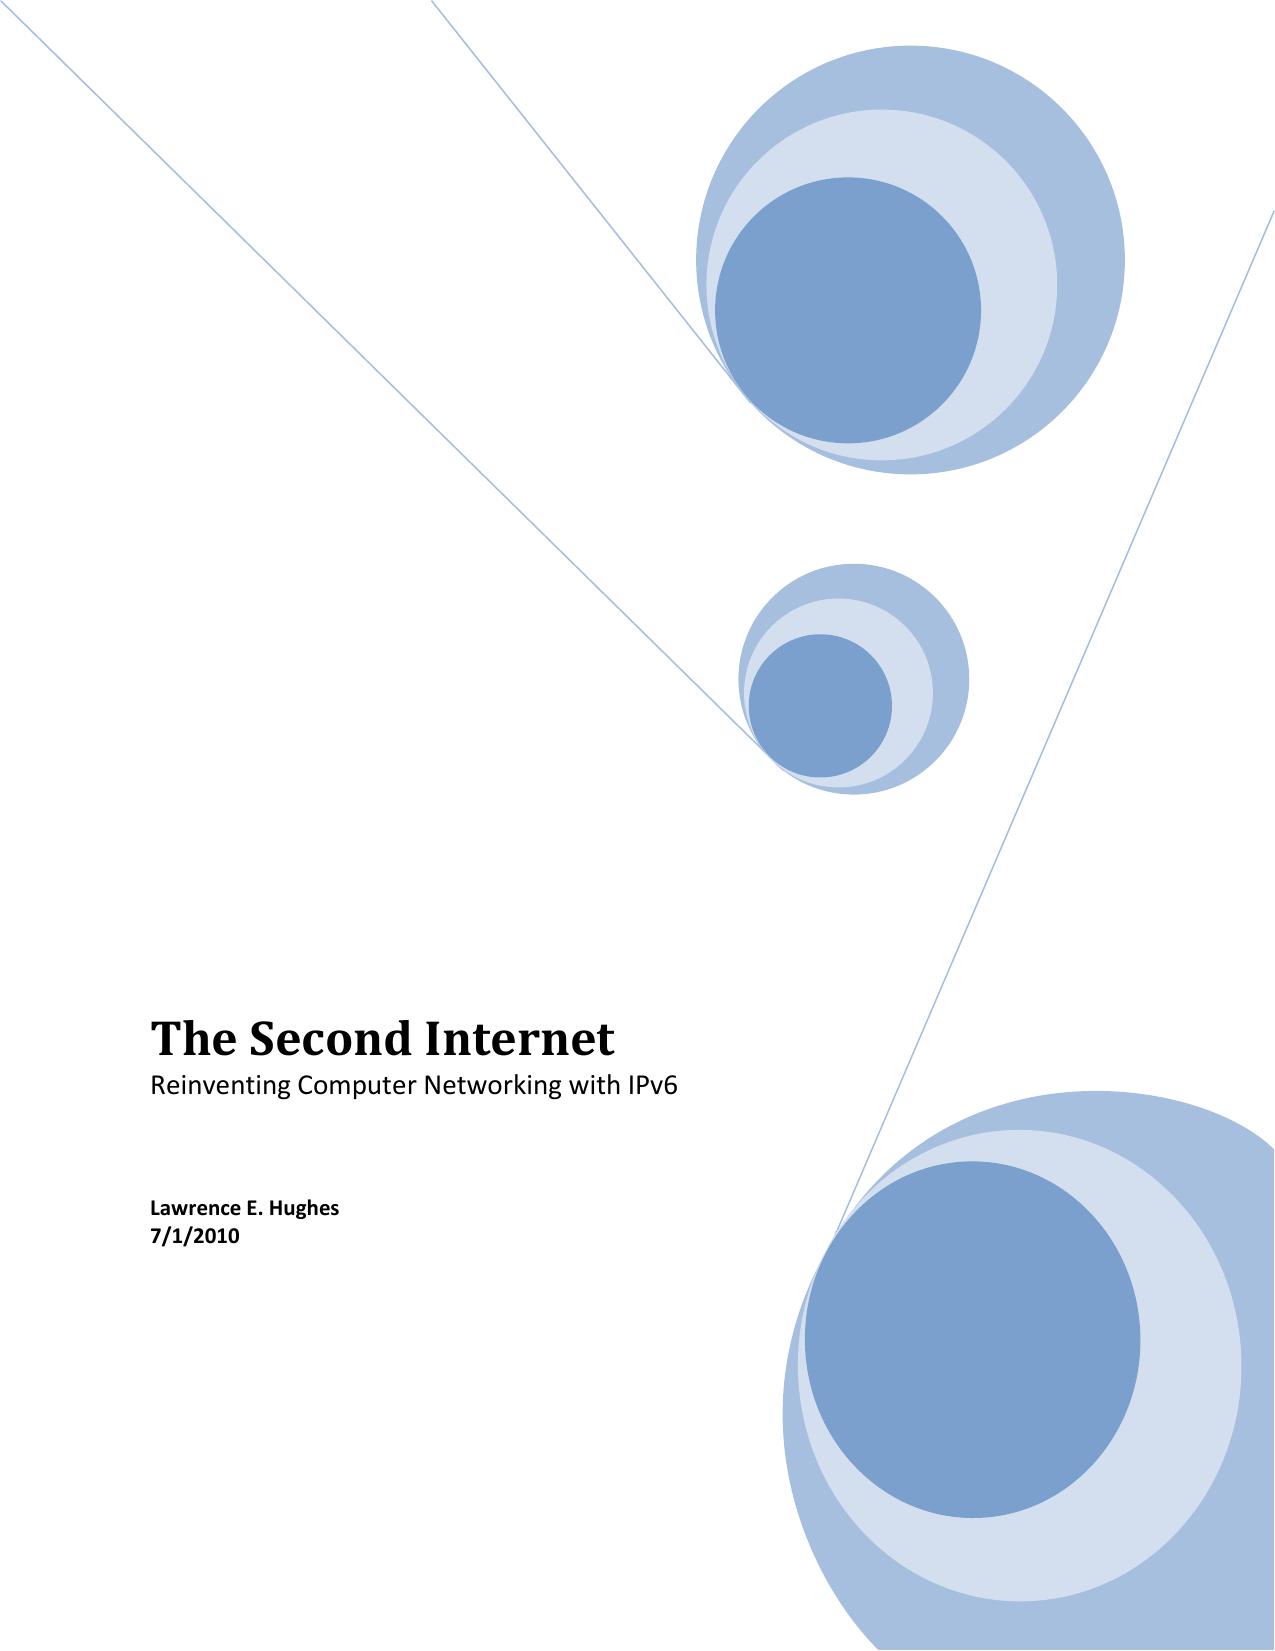 The Second Internet | manualzz com